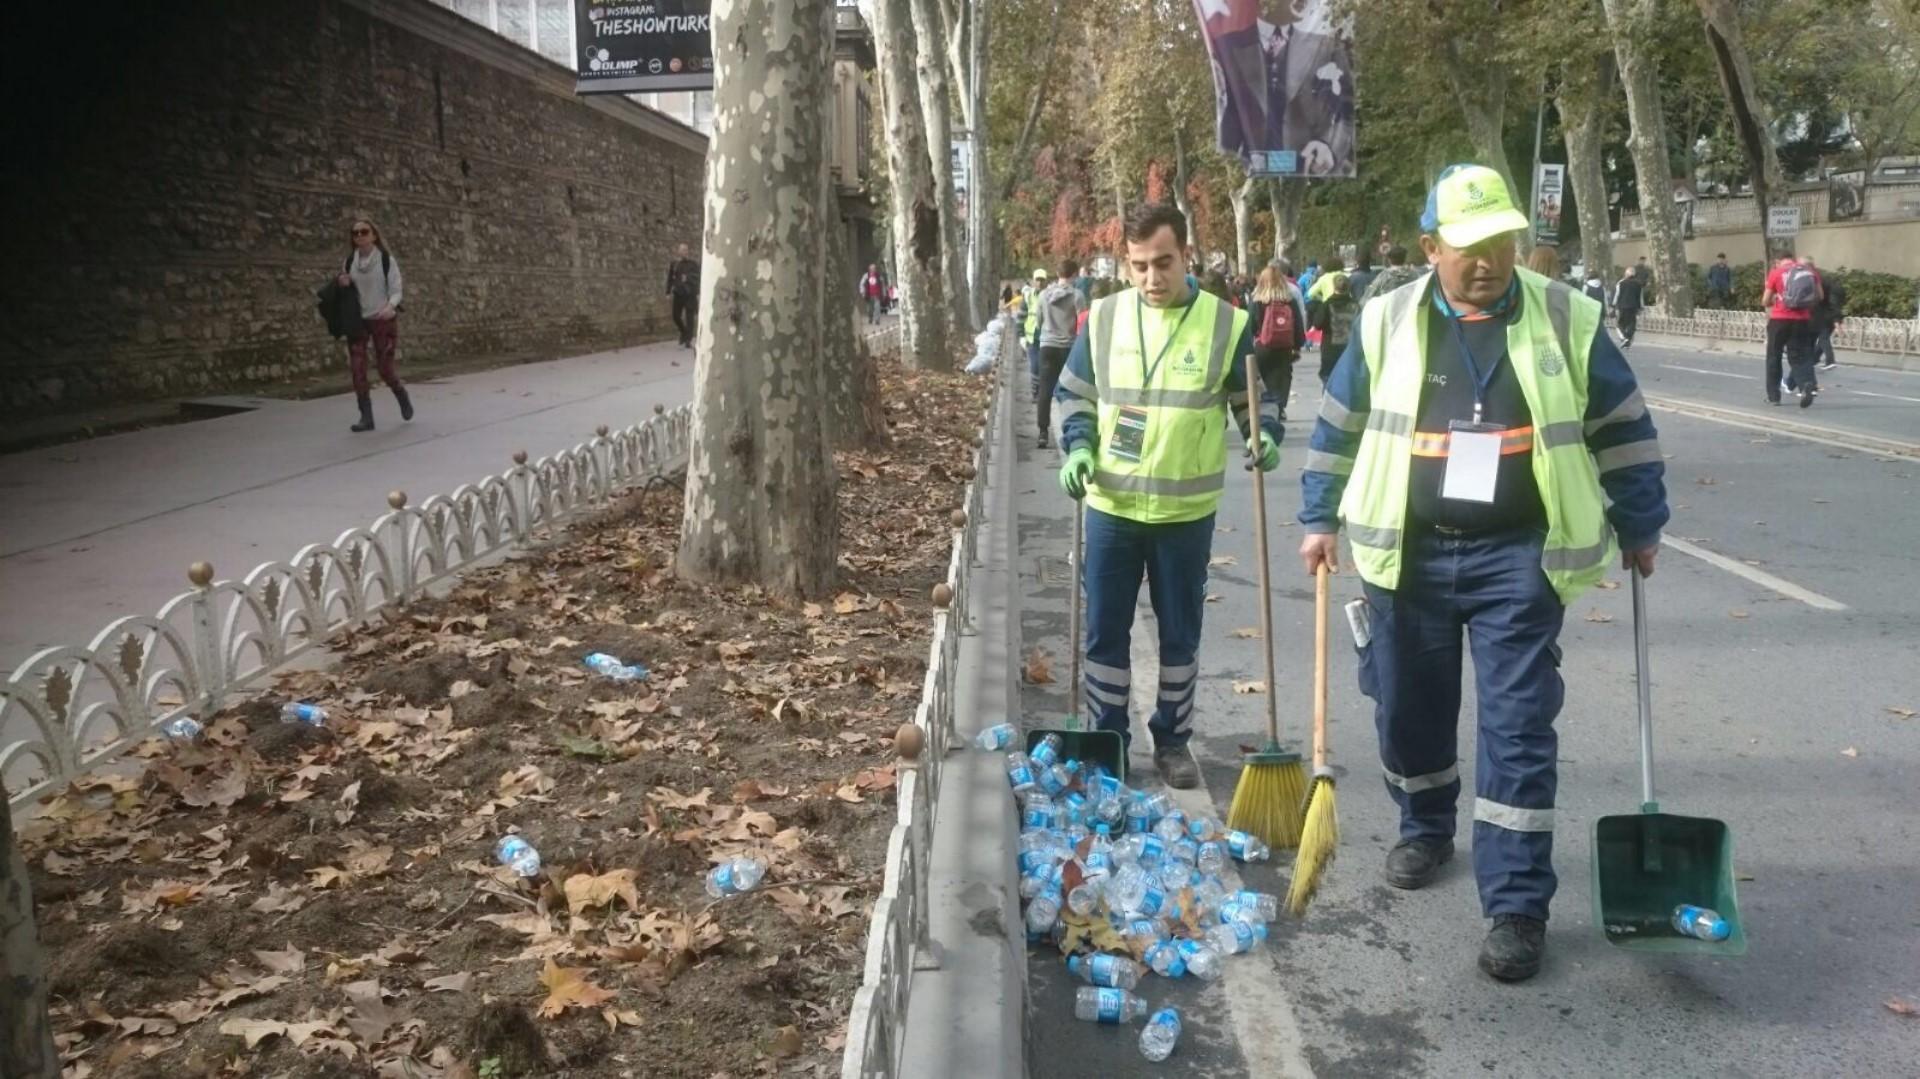 Yeşil Maraton İçin Temizlik Ekiplerimiz Çalışıyor